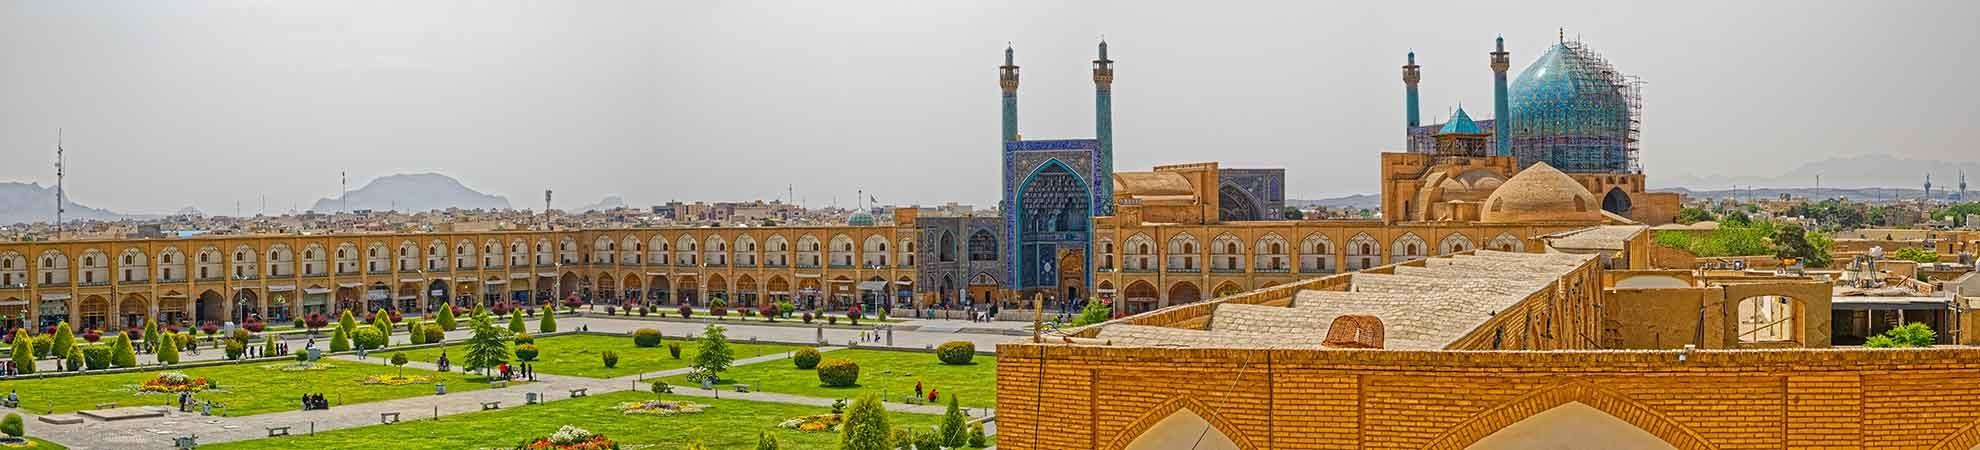 Fiche Pays Iran